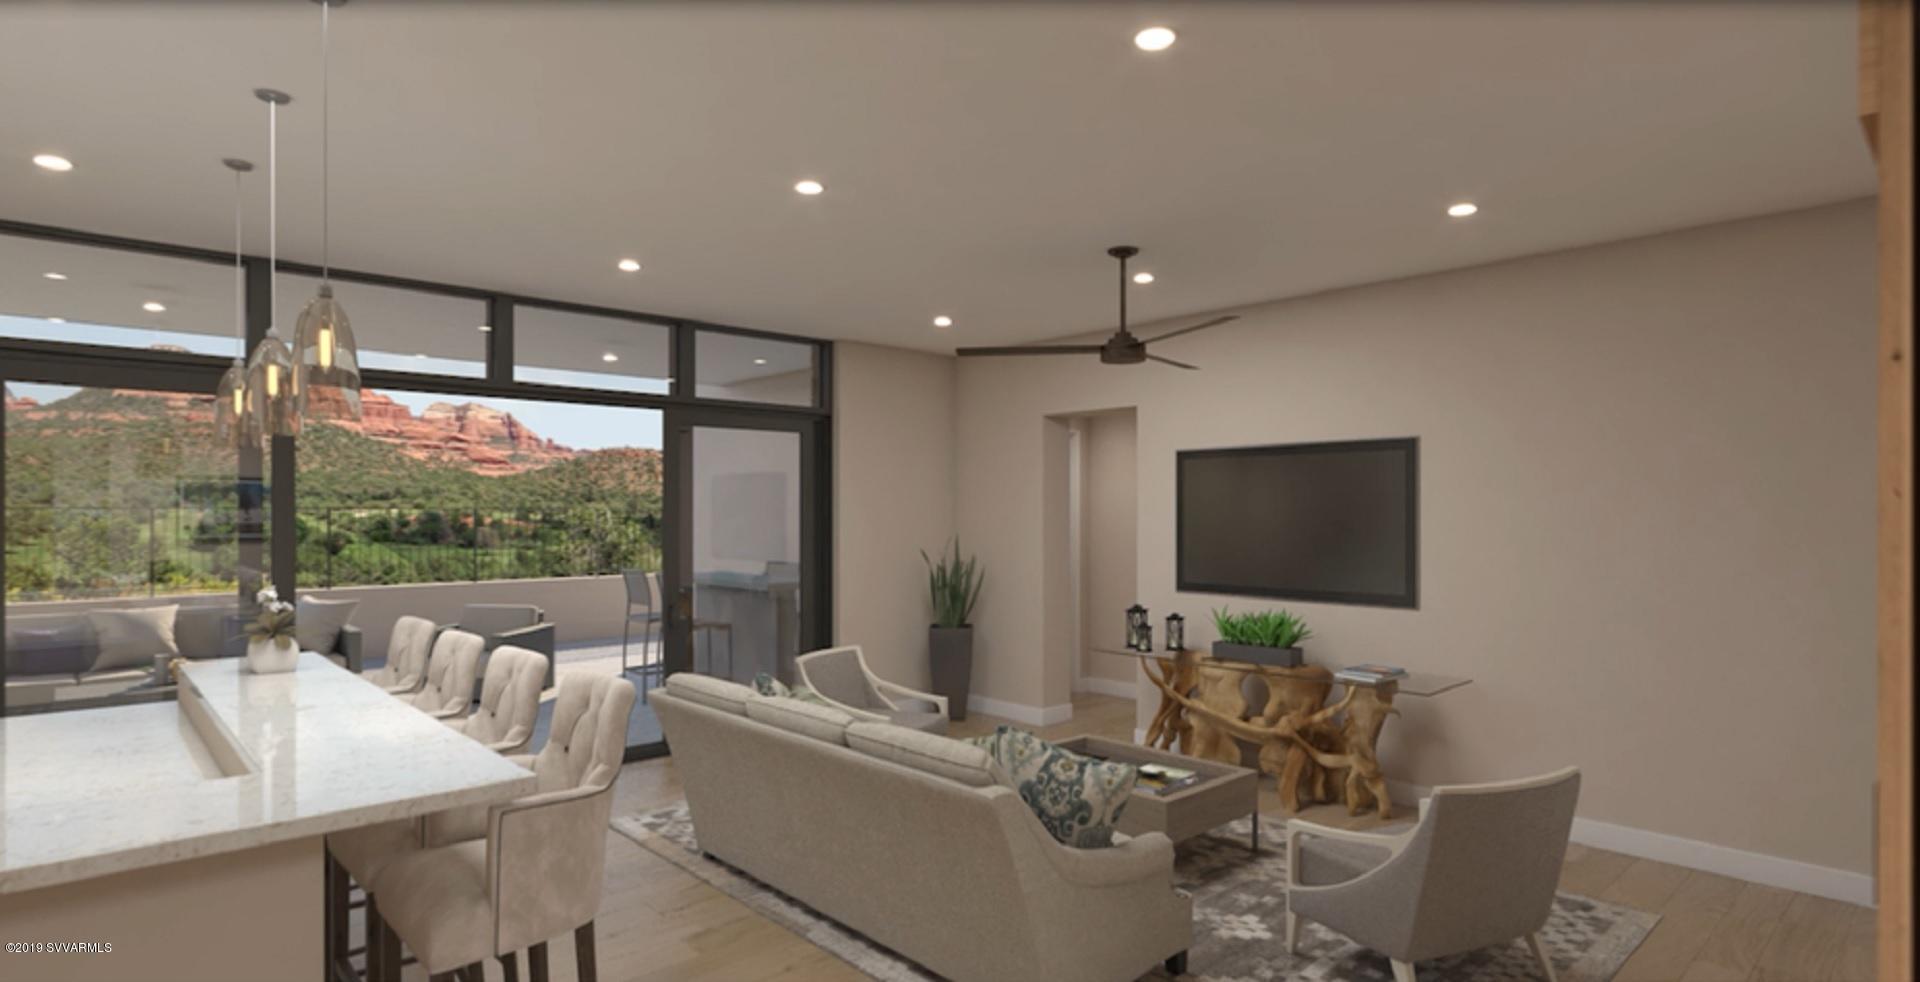 74 Lot 15 Fay Canyon Road Sedona, AZ 86336